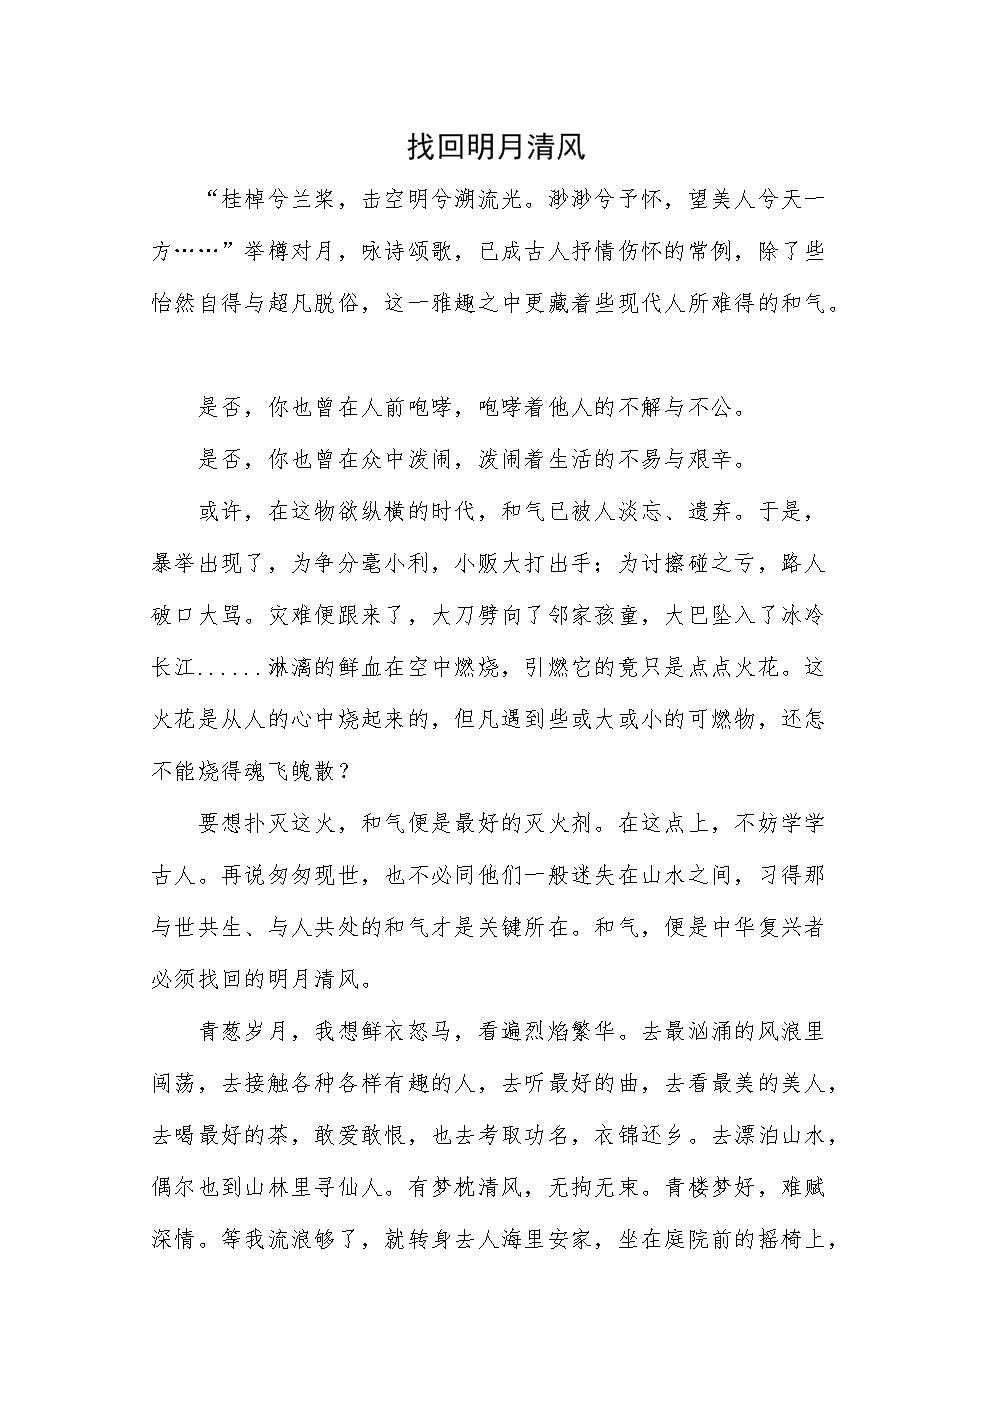 散文+找回明月清風+800.docx